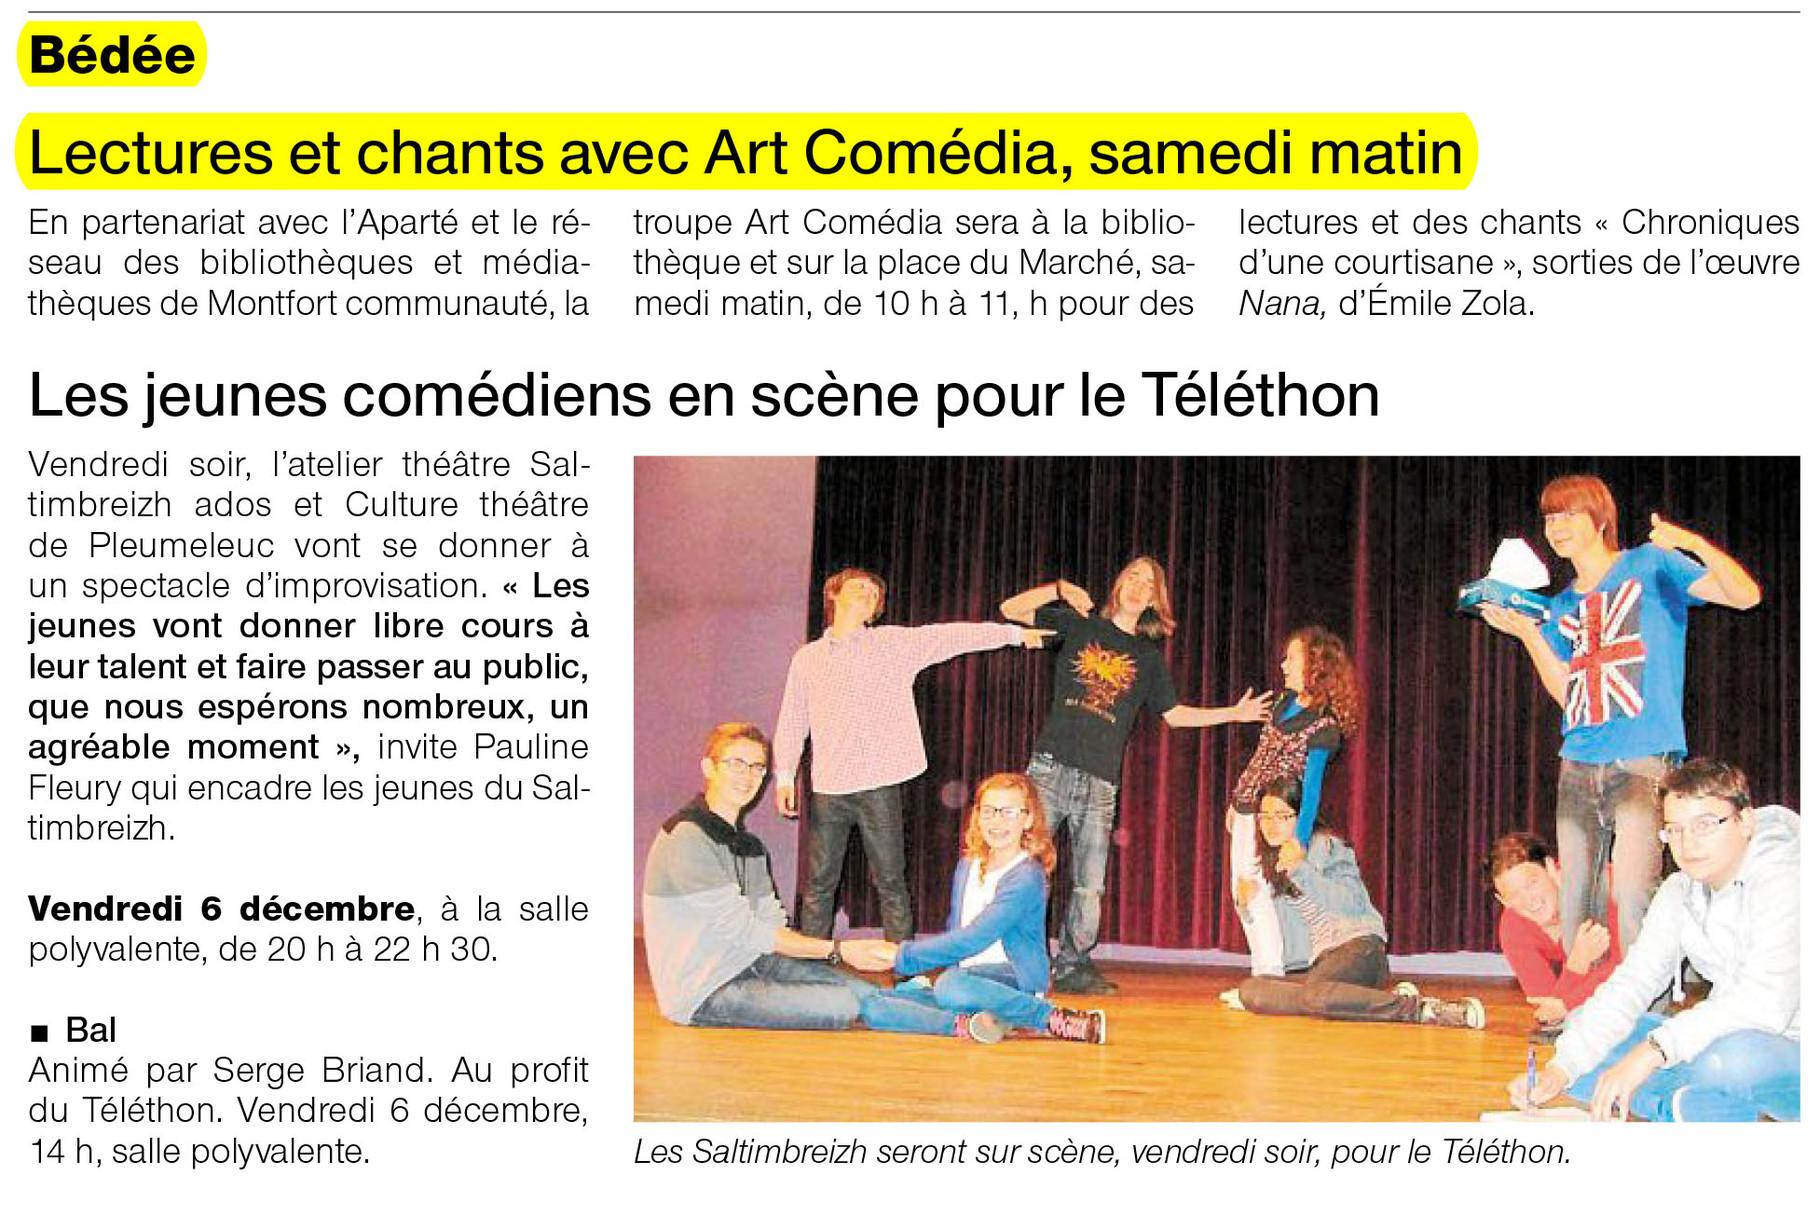 Ouest-France - 5 décembre 2013